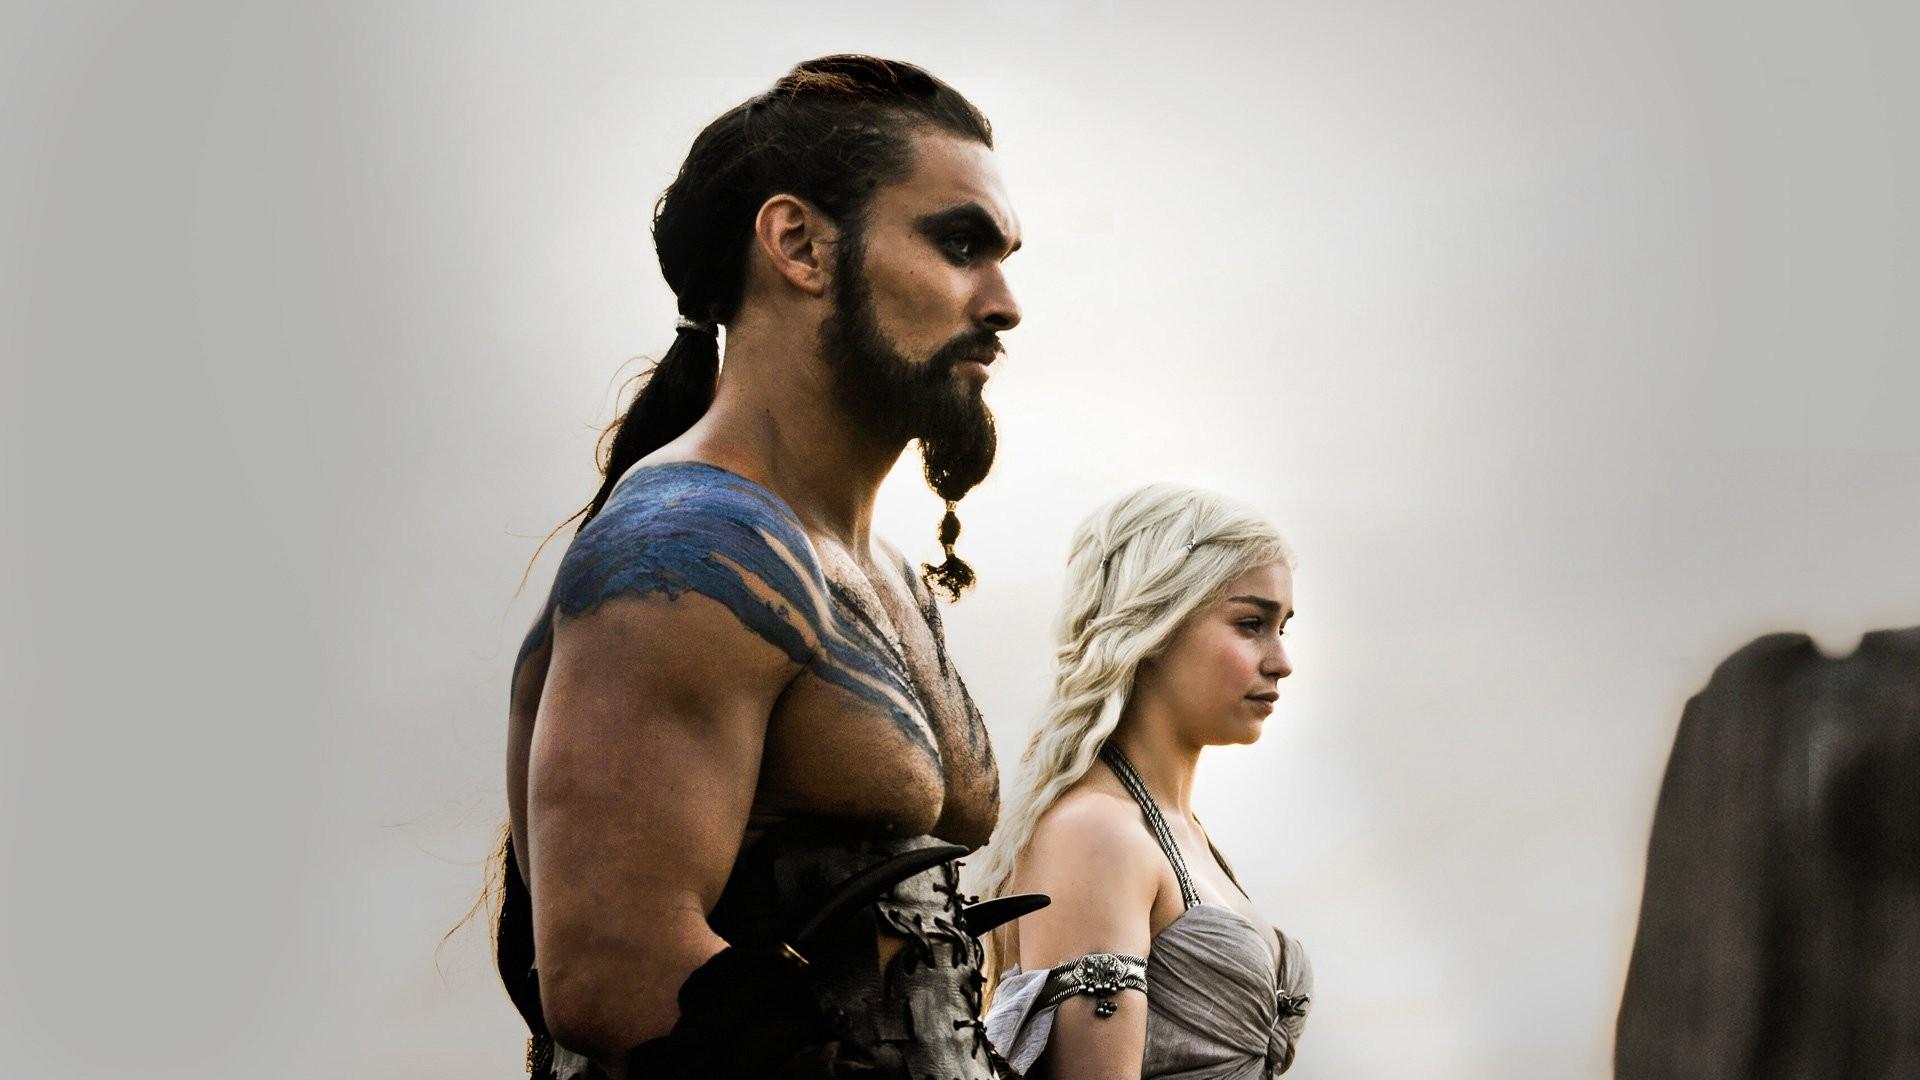 Кхал Дрого может появиться вседьмом сезоне «Игры престолов»